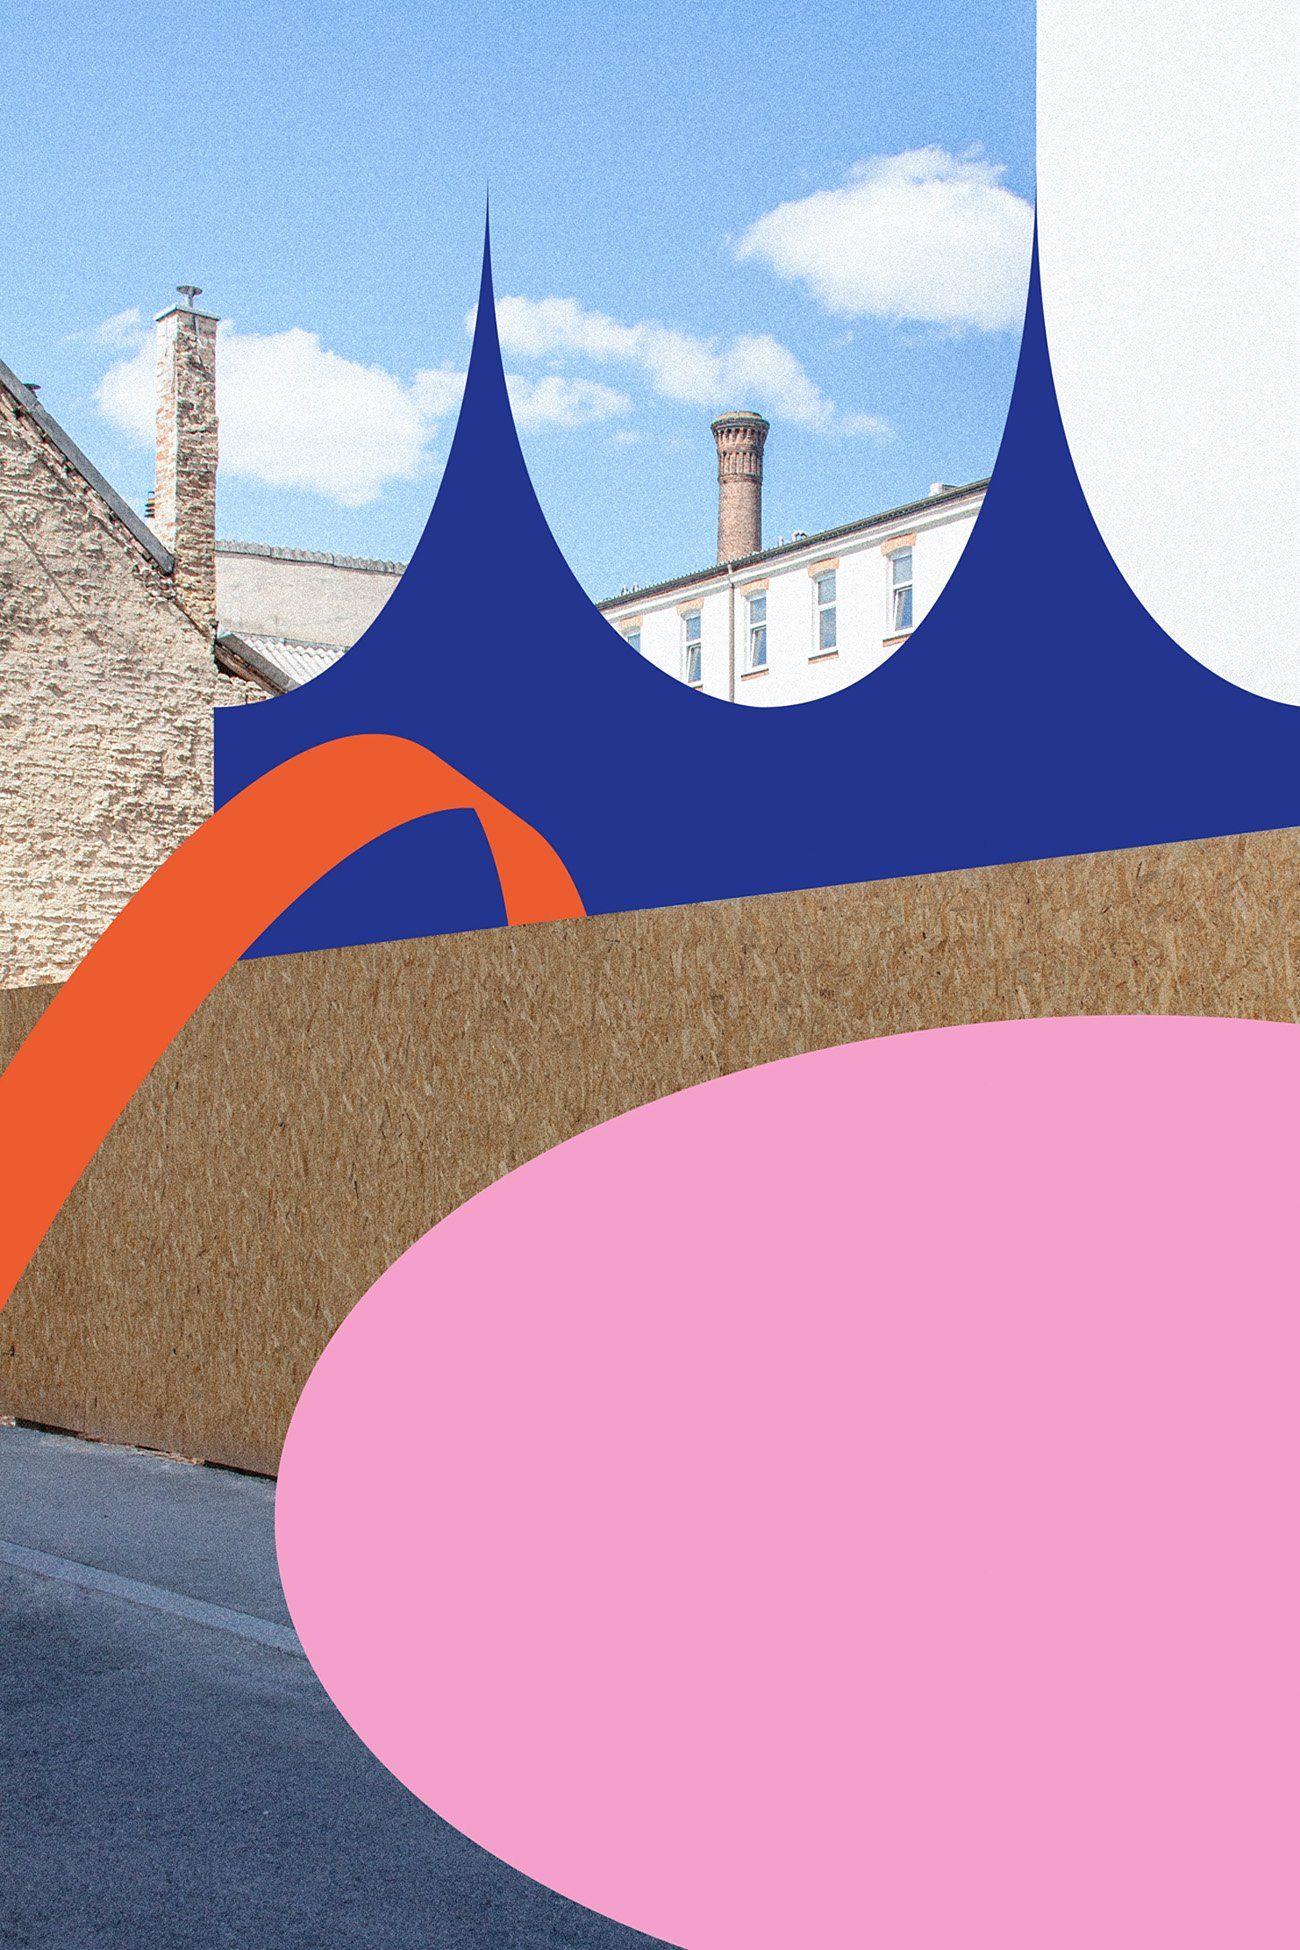 Die Festivalzentrale der Vienna Design Week 2020 wird im Amtshaus im 12. Bezirk angesiedelt sein